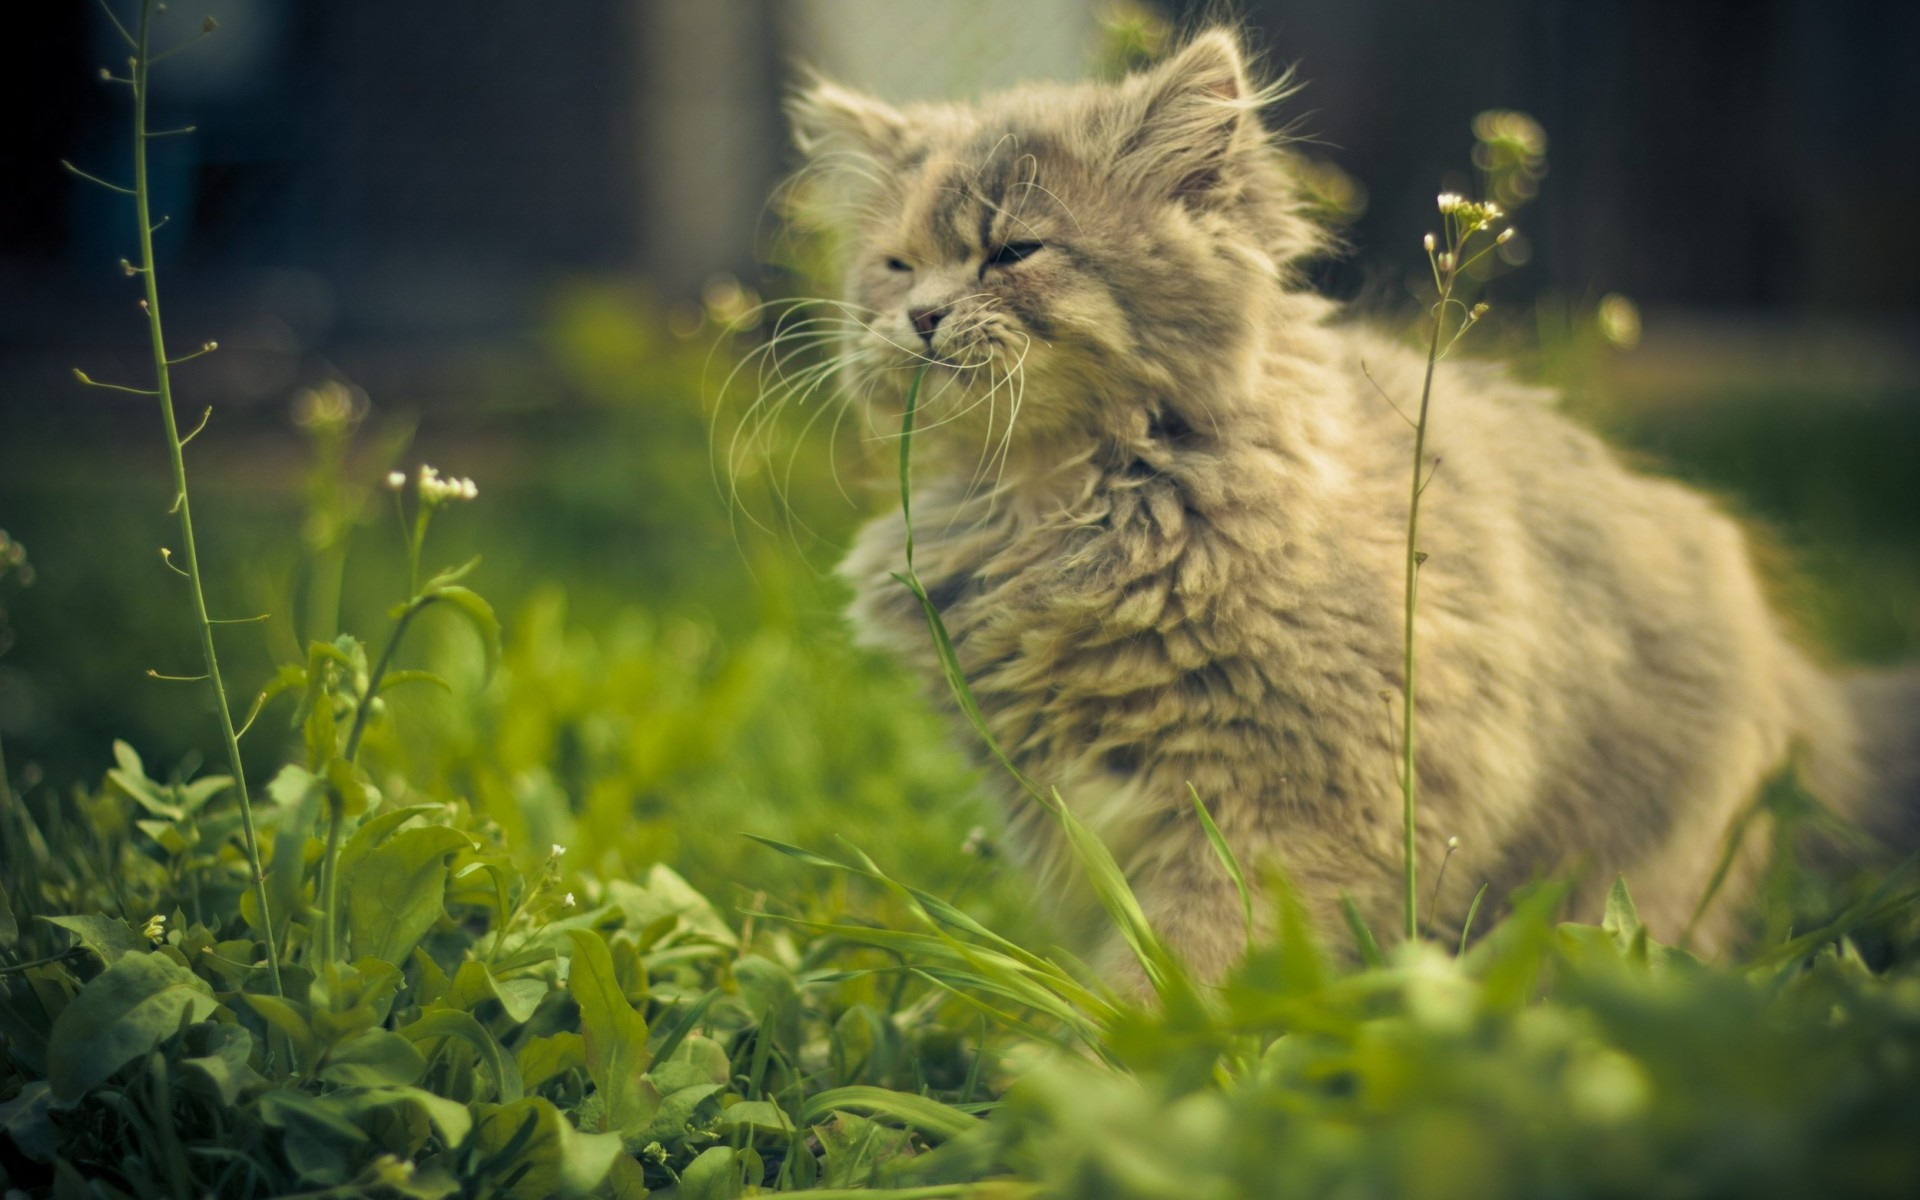 Hình nền mèo dễ thương ngộ nghĩnh